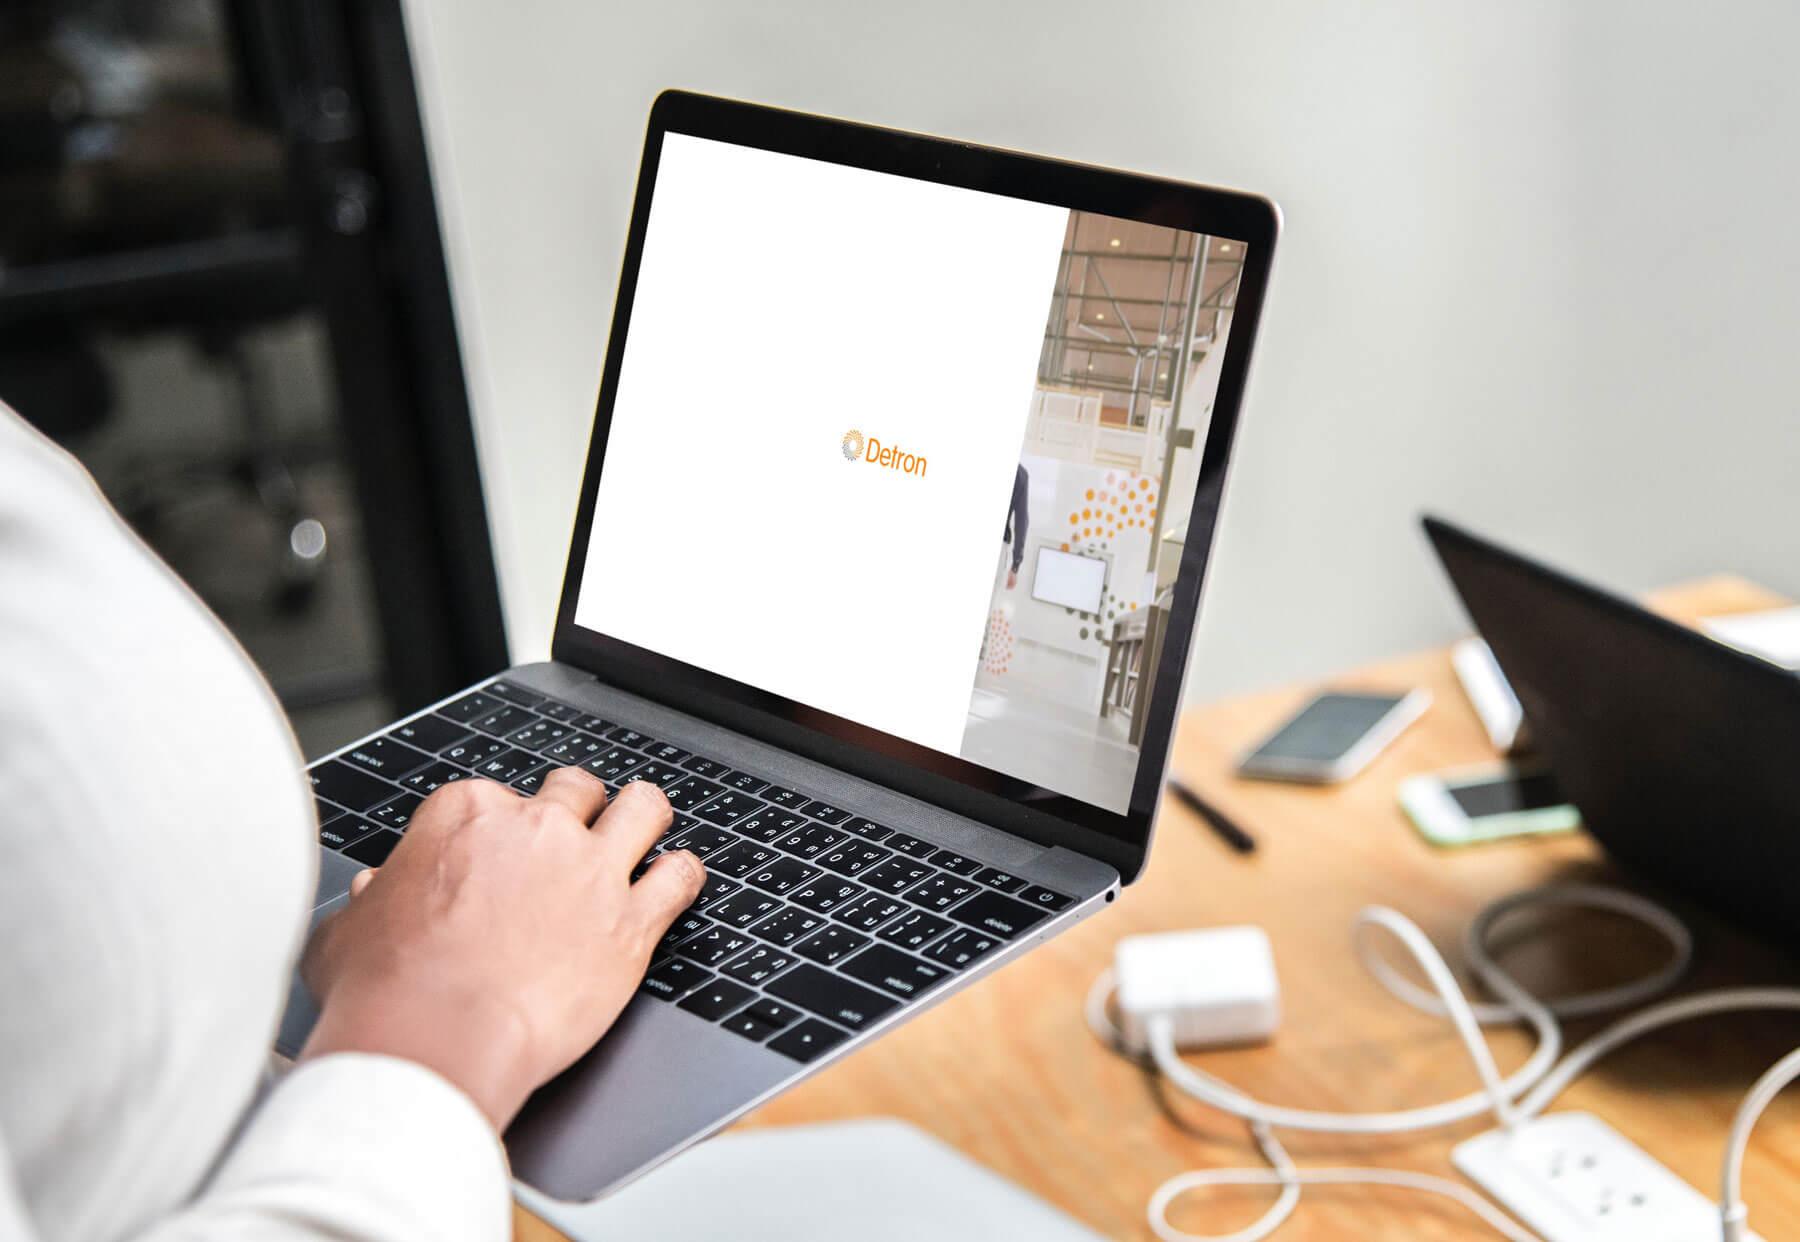 Vrouw houdt een laptop vast met daarop de vacature website ontwerp voor Detron